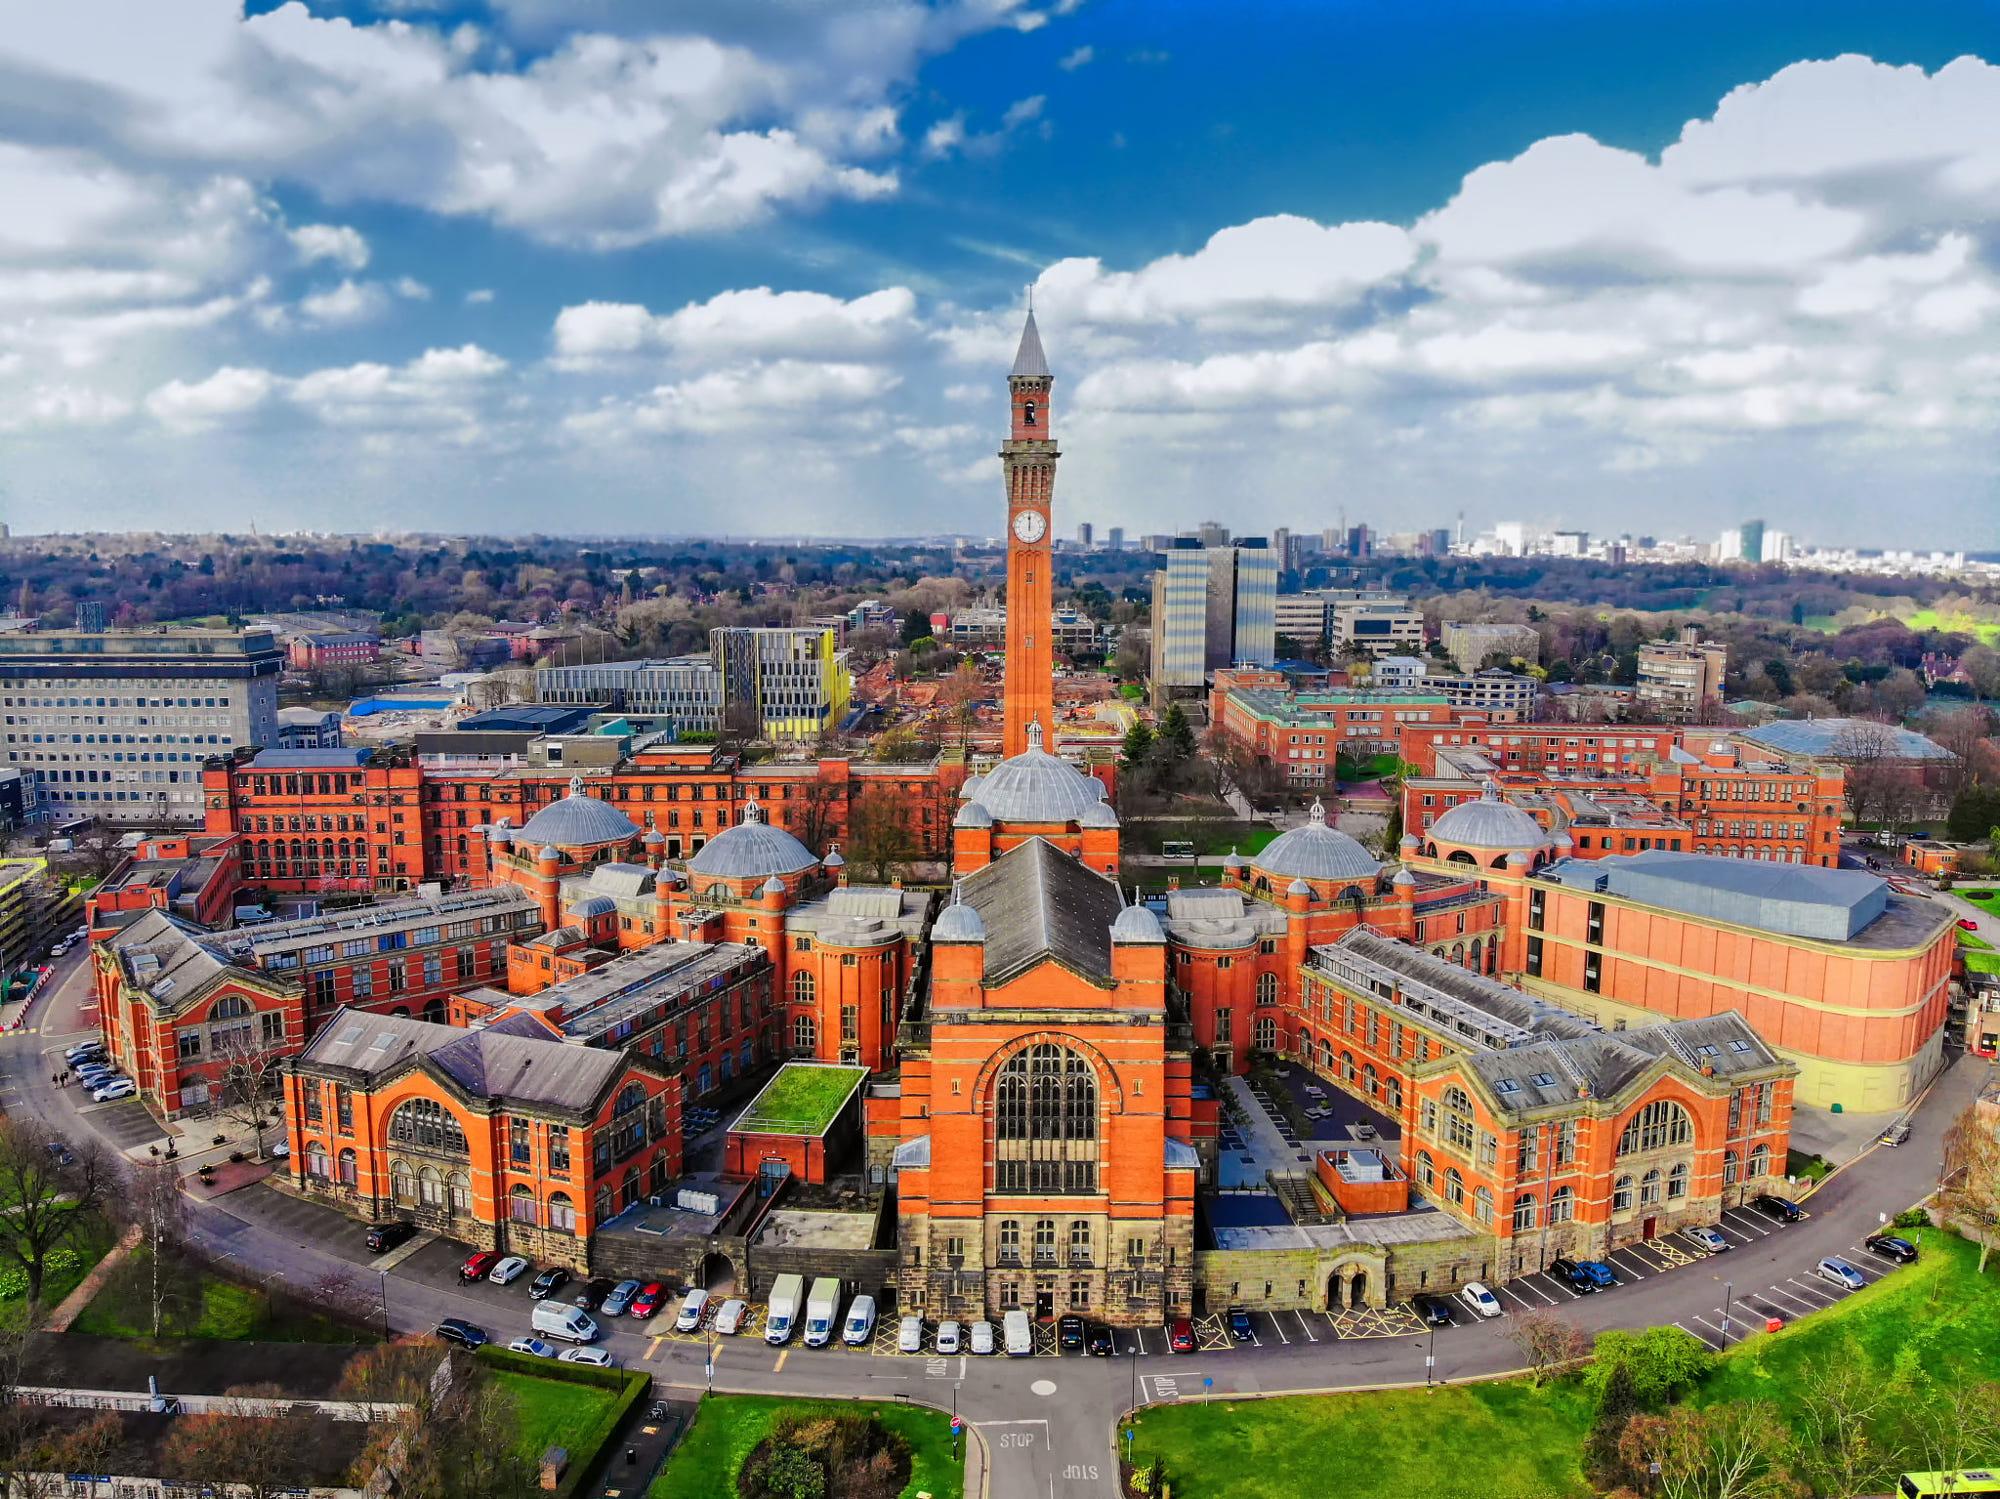 University of Birmingham, Edgbaston, Birmingham by SSyangguang.jpg